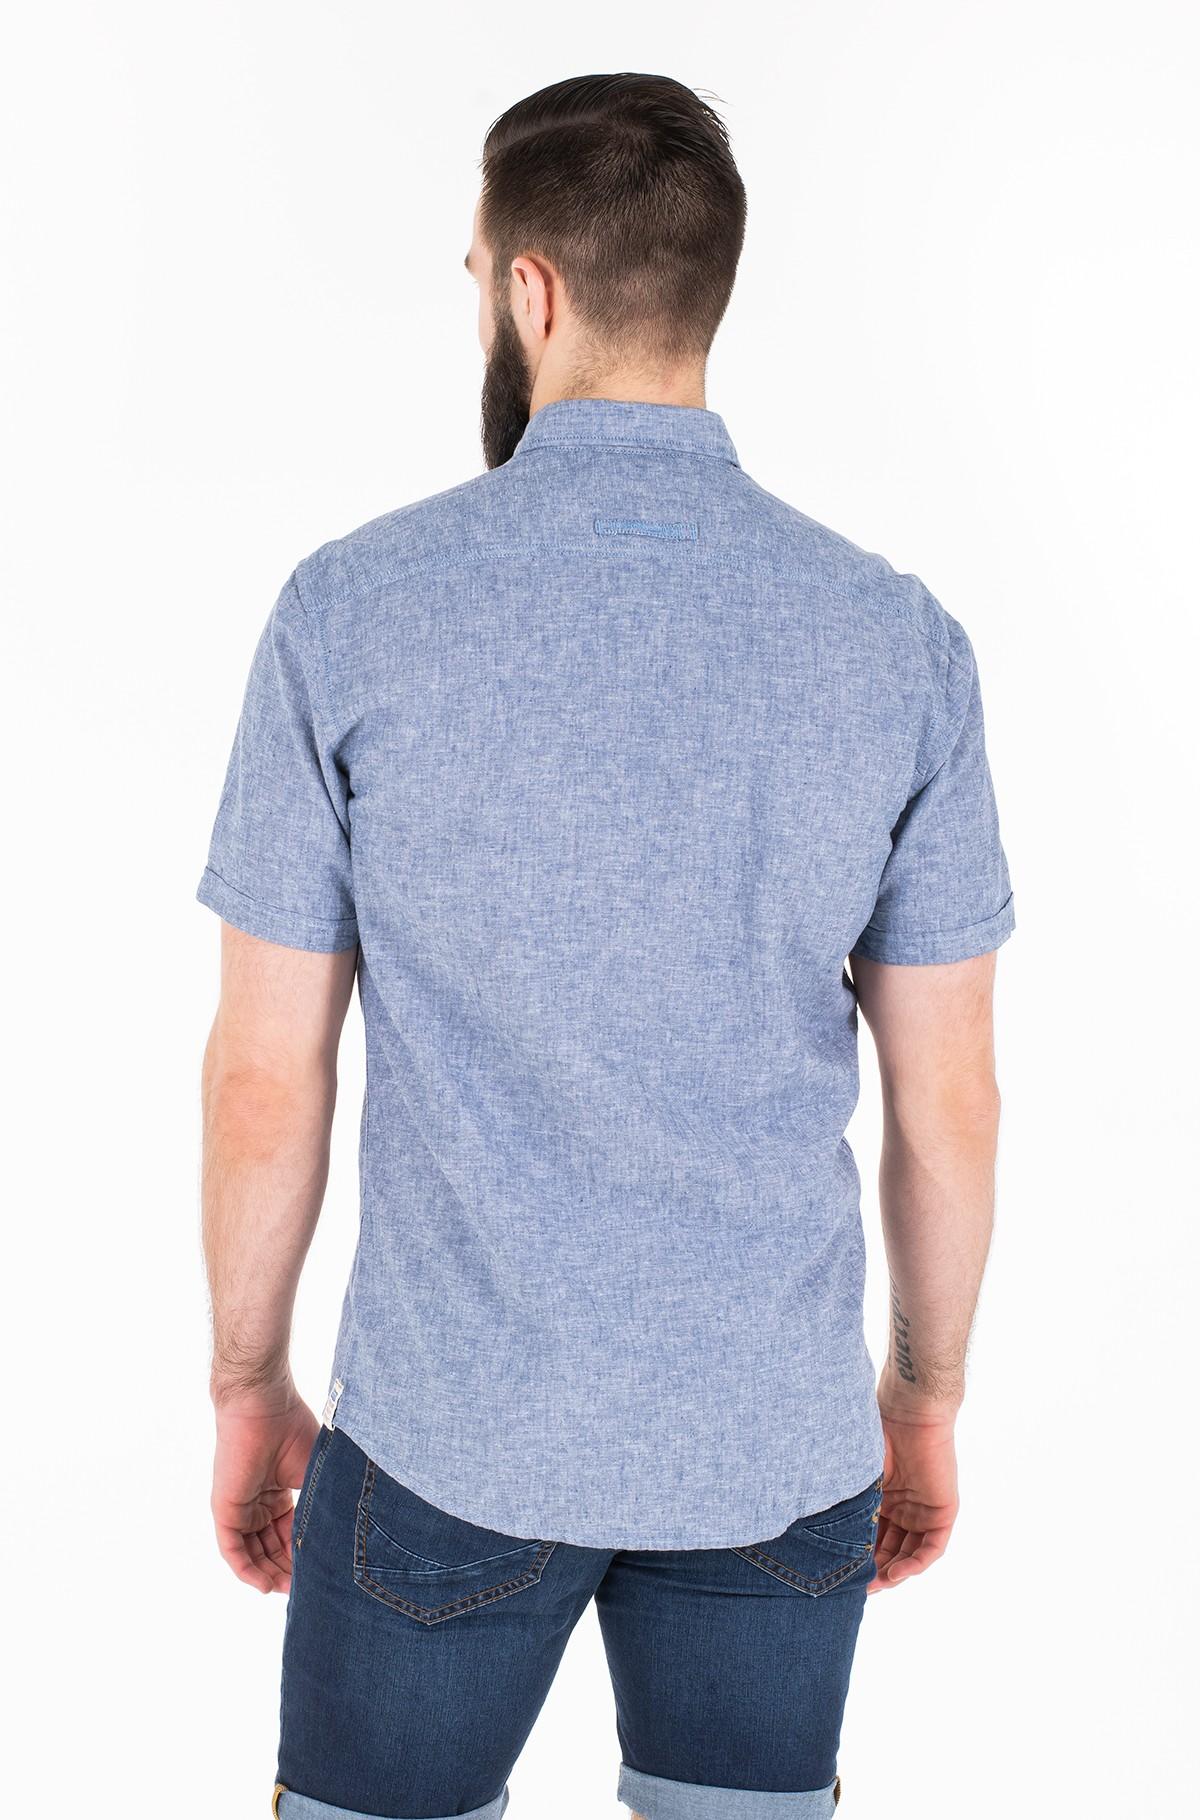 Marškiniai su trumpomis rankovėmis 31.115025-full-2